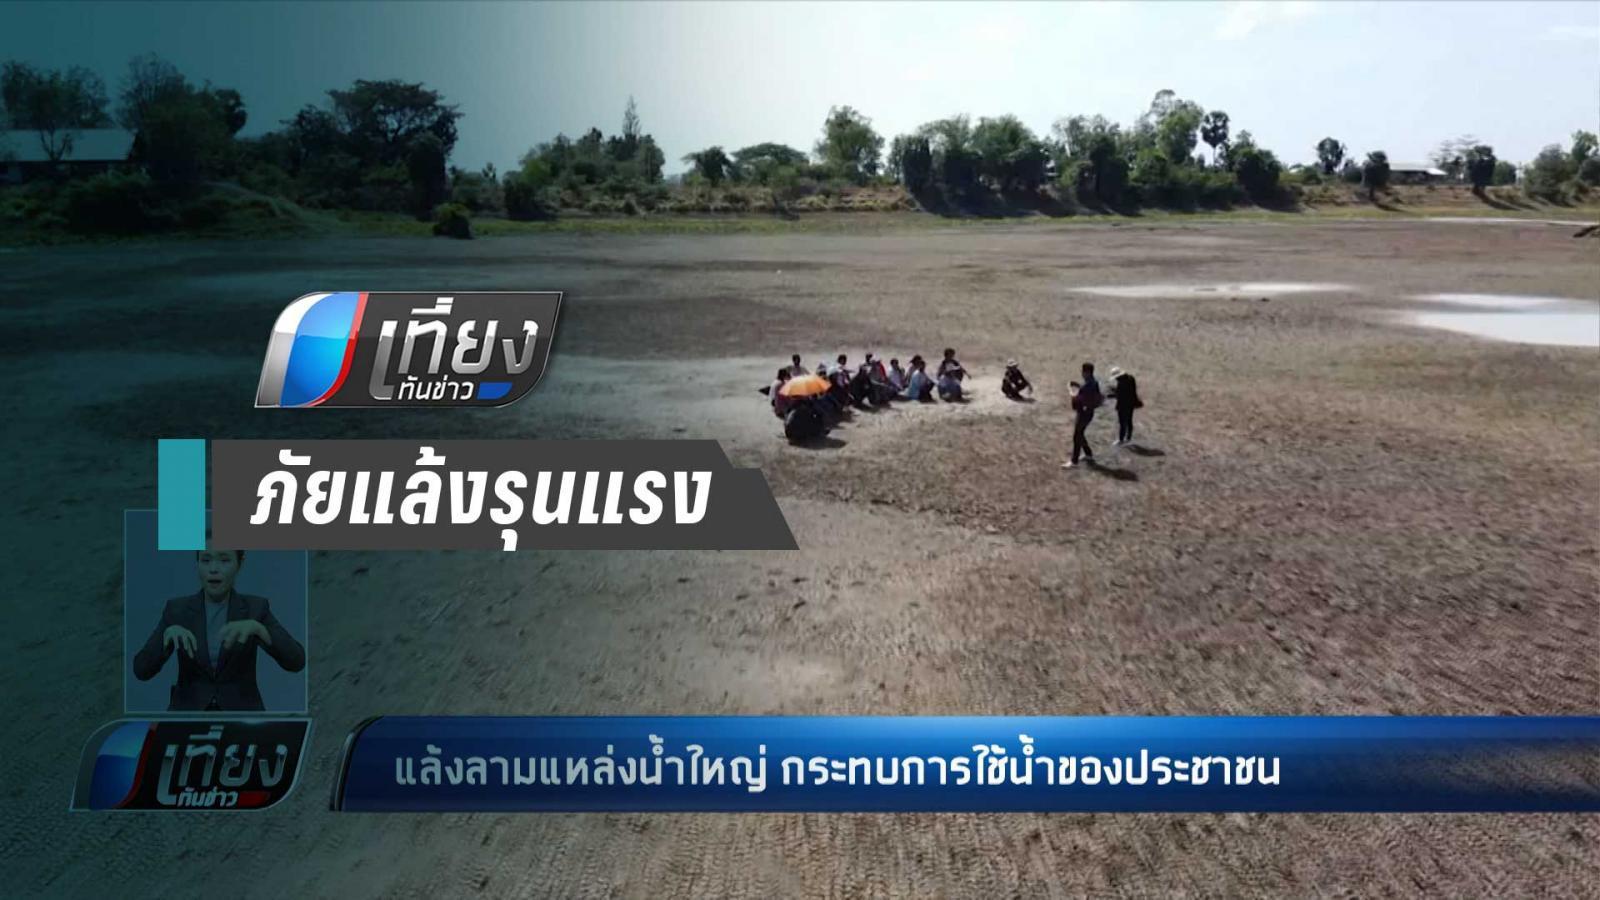 ภัยแล้งลามแหล่งน้ำใหญ่ กระทบการใช้น้ำประชาชน